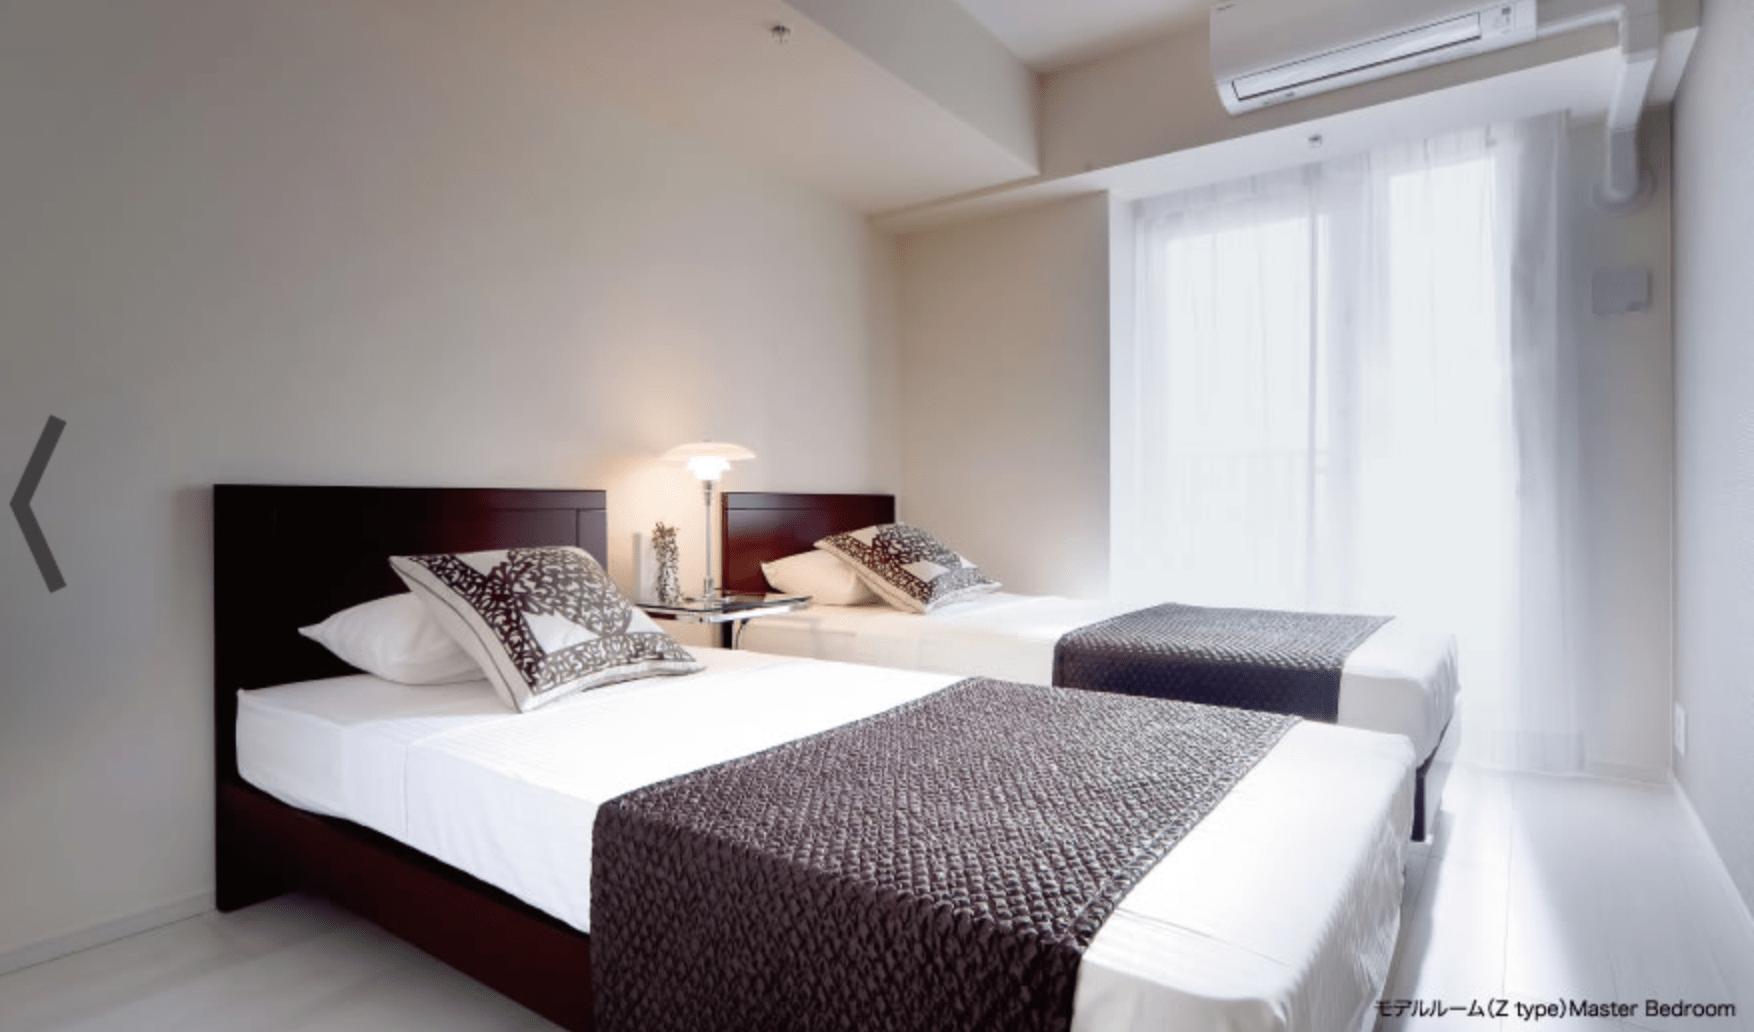 パークアクシス豊洲キャナルのベッドルームイメージ